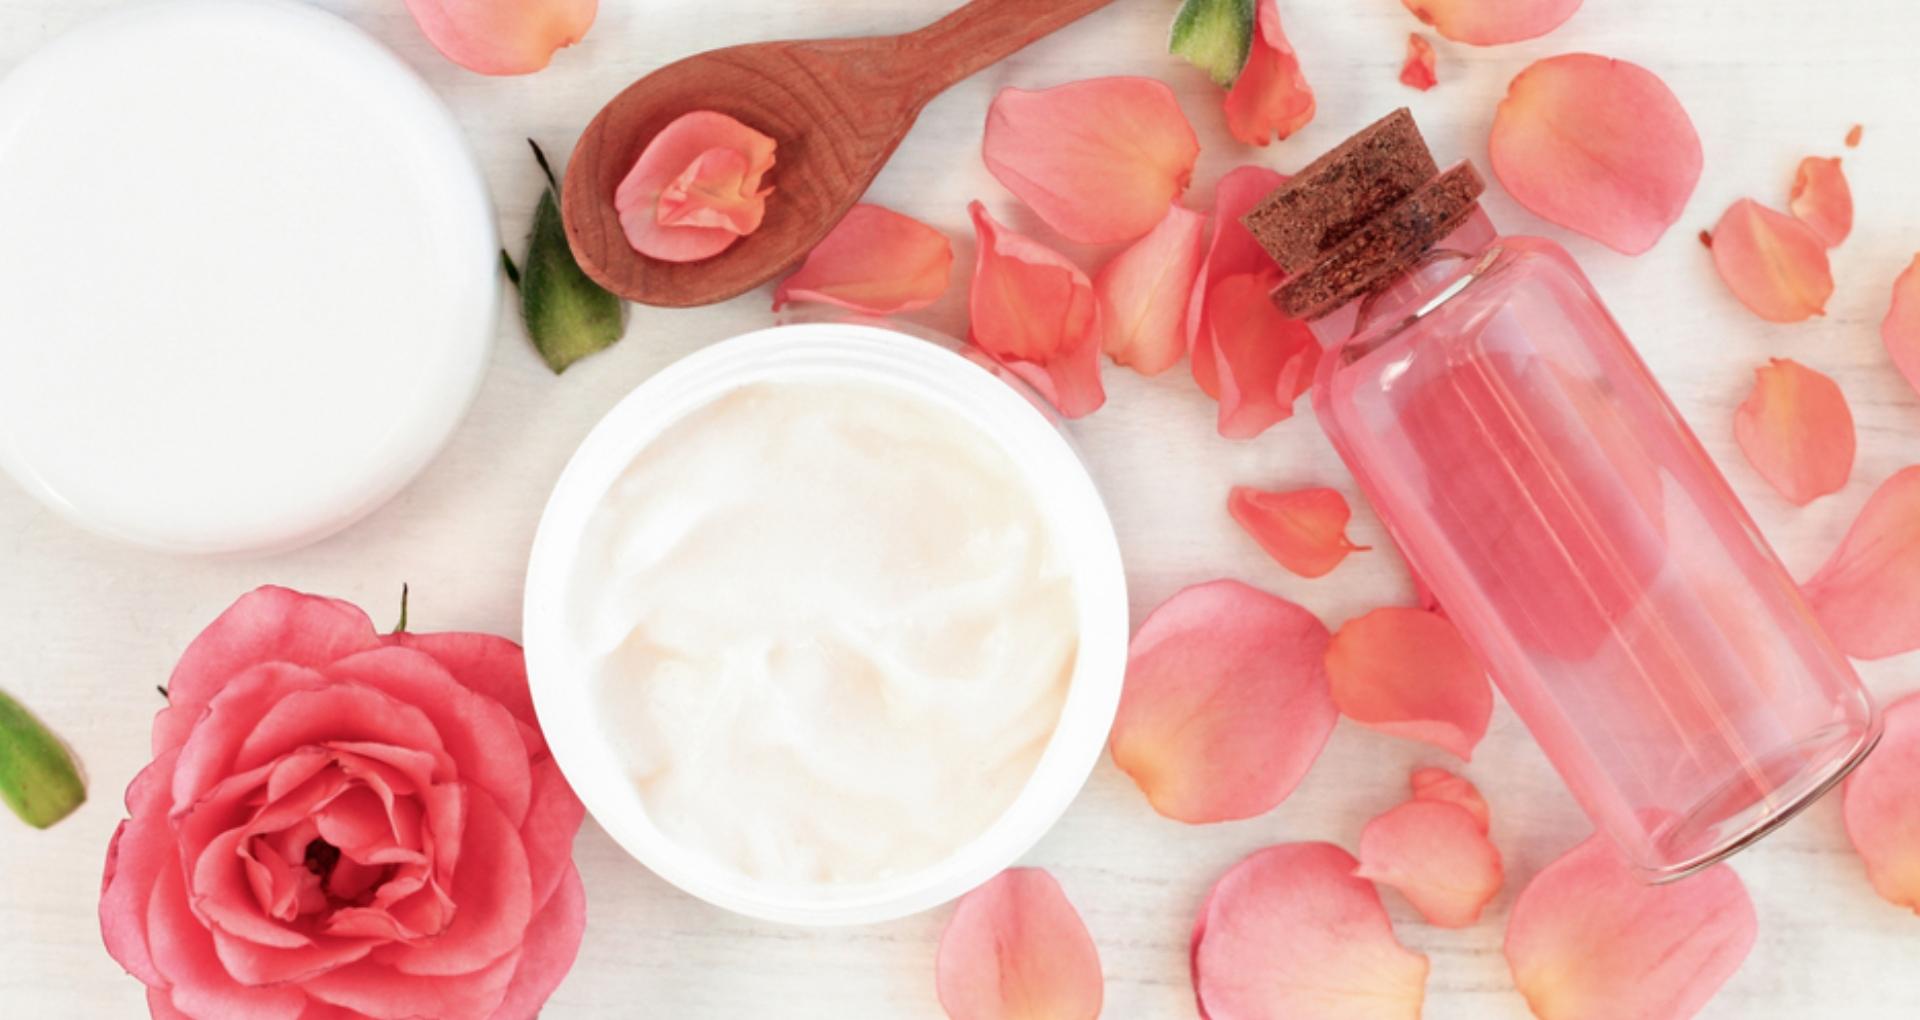 Beauty Tips: गुलाबजल की कुछ बूंदें आपकी खूबसूरती में लगा देंगी चार चांद, जानिए इसके अनोखे फायदे